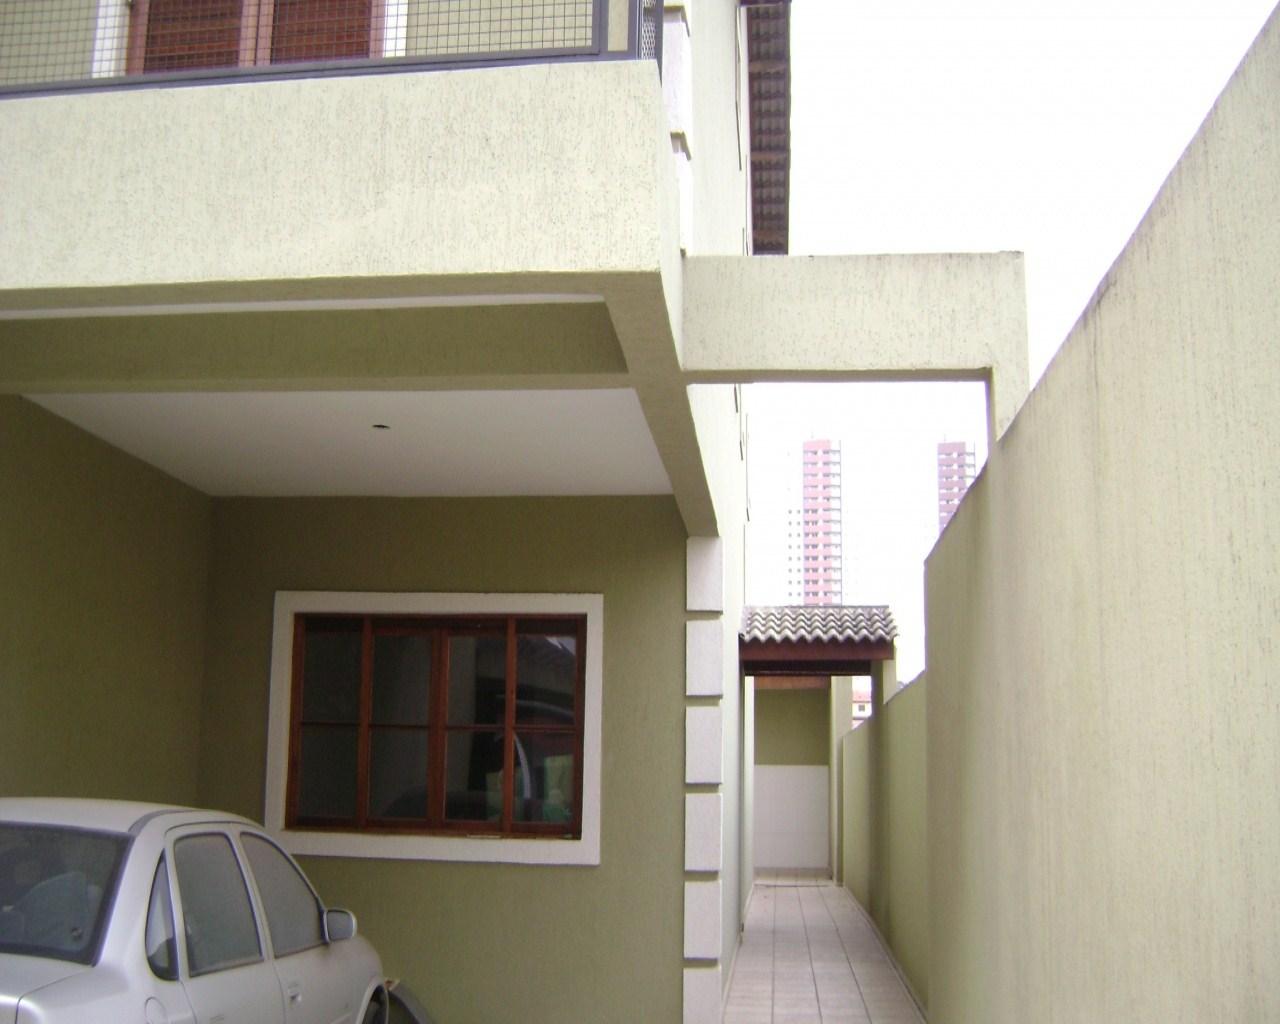 Sobrado 4 dormitórios em Guarulhos